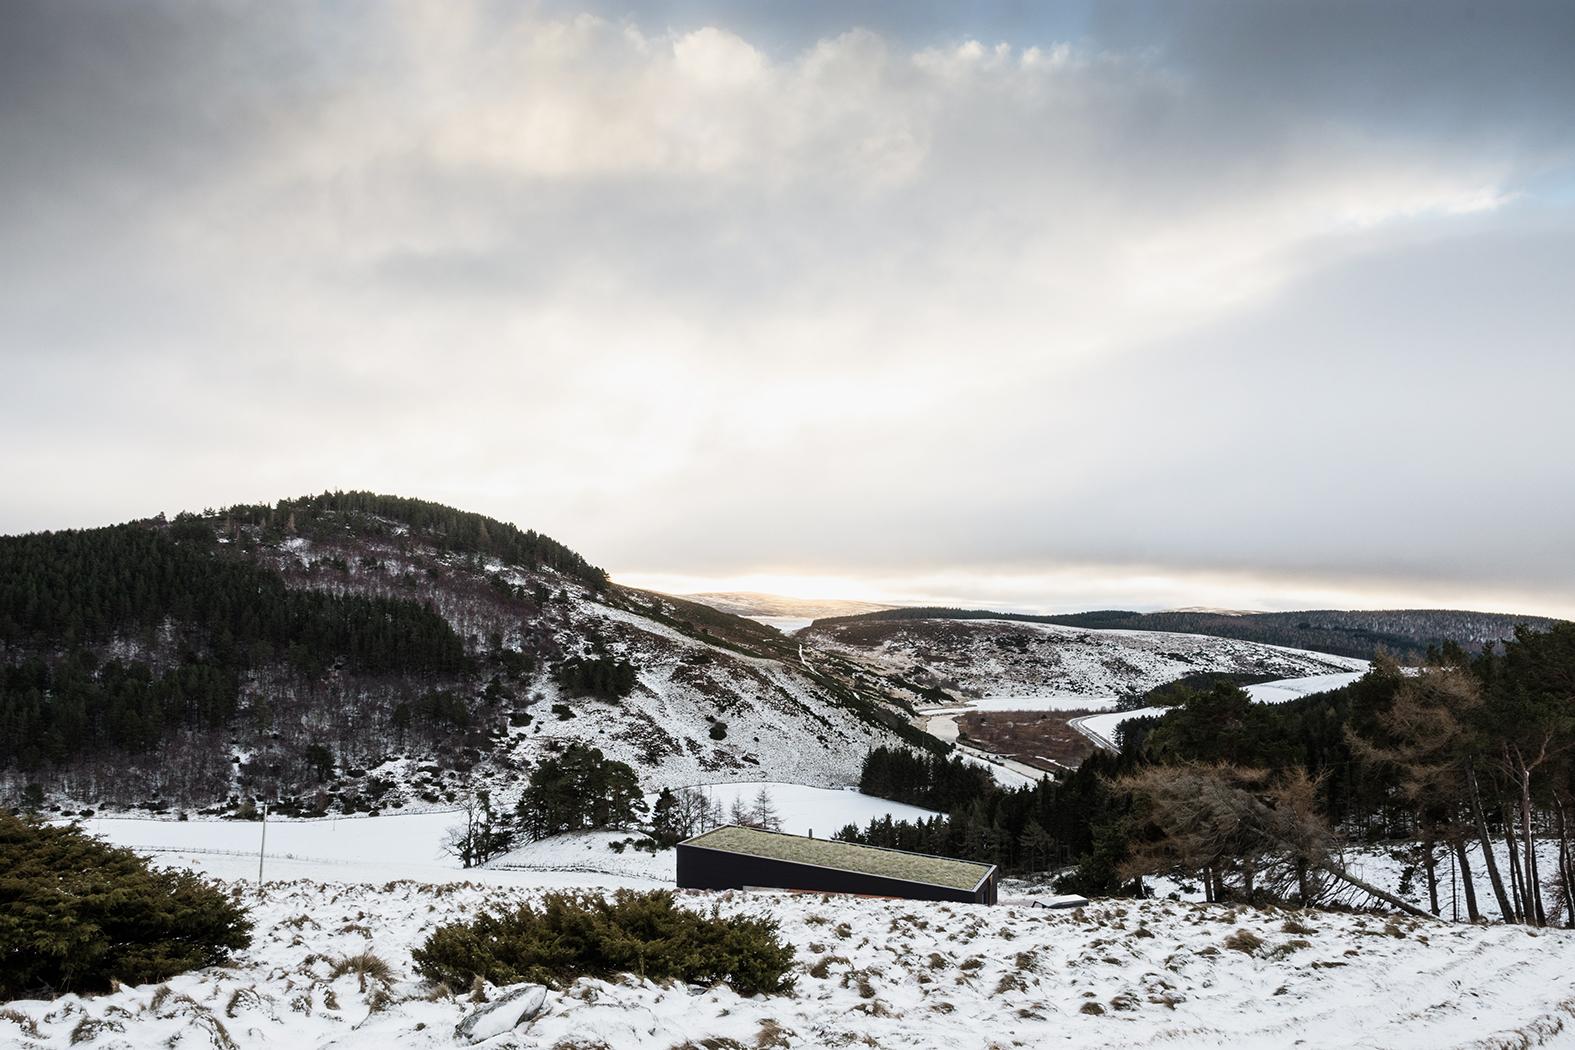 cabin, modern, house, grass, landscape, context, scotland, highlands, rural, cairngorms